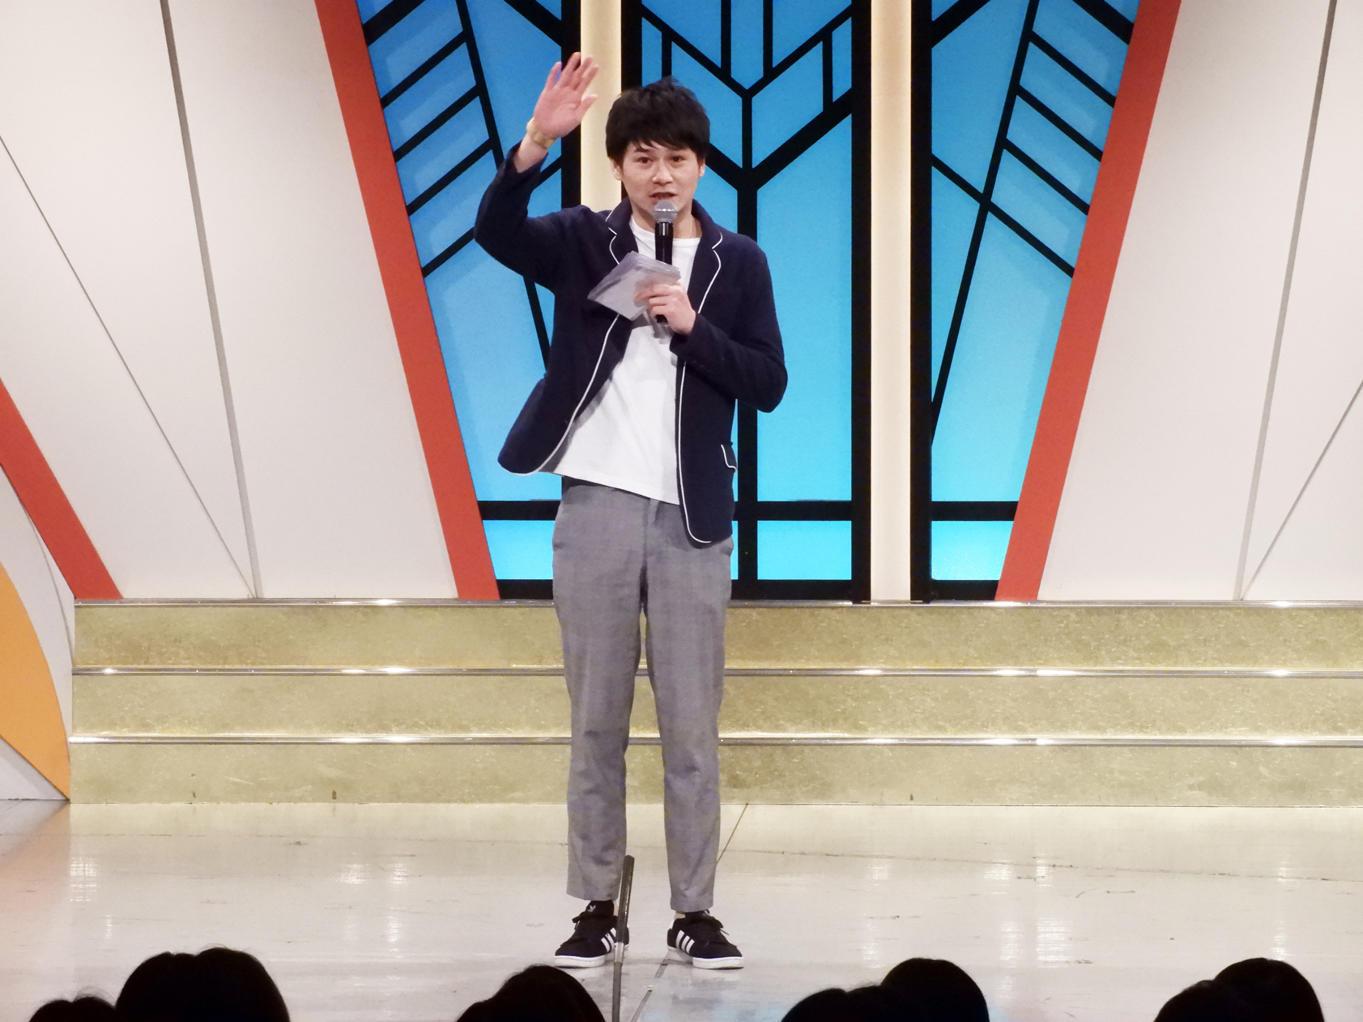 http://news.yoshimoto.co.jp/20180208180838-986b793a39b9939fadf2ba62b5b4bf8e70d561a7.jpg